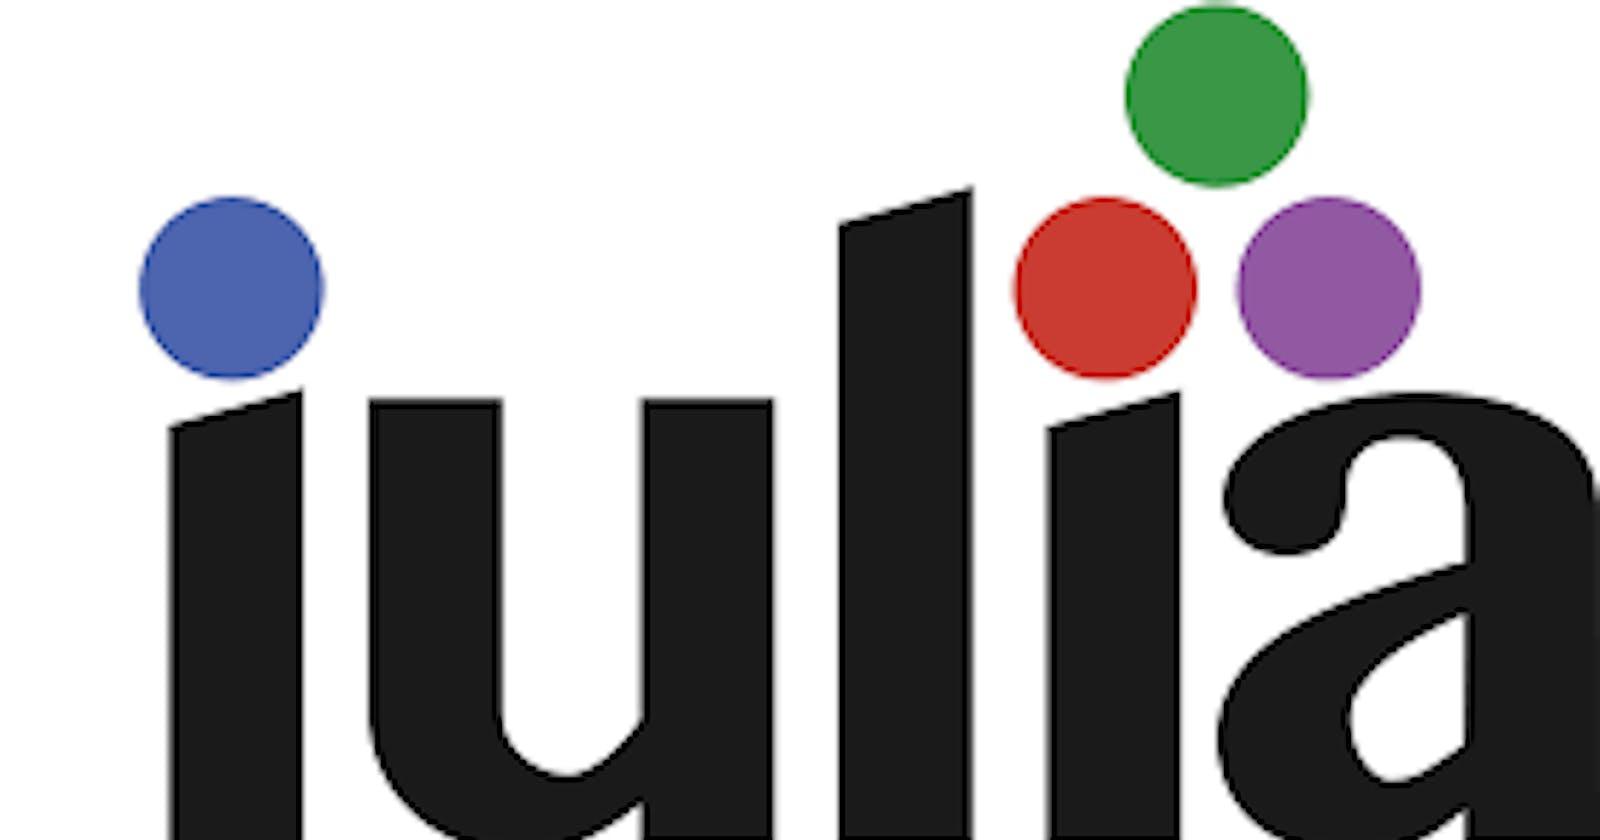 The Julia programming language.